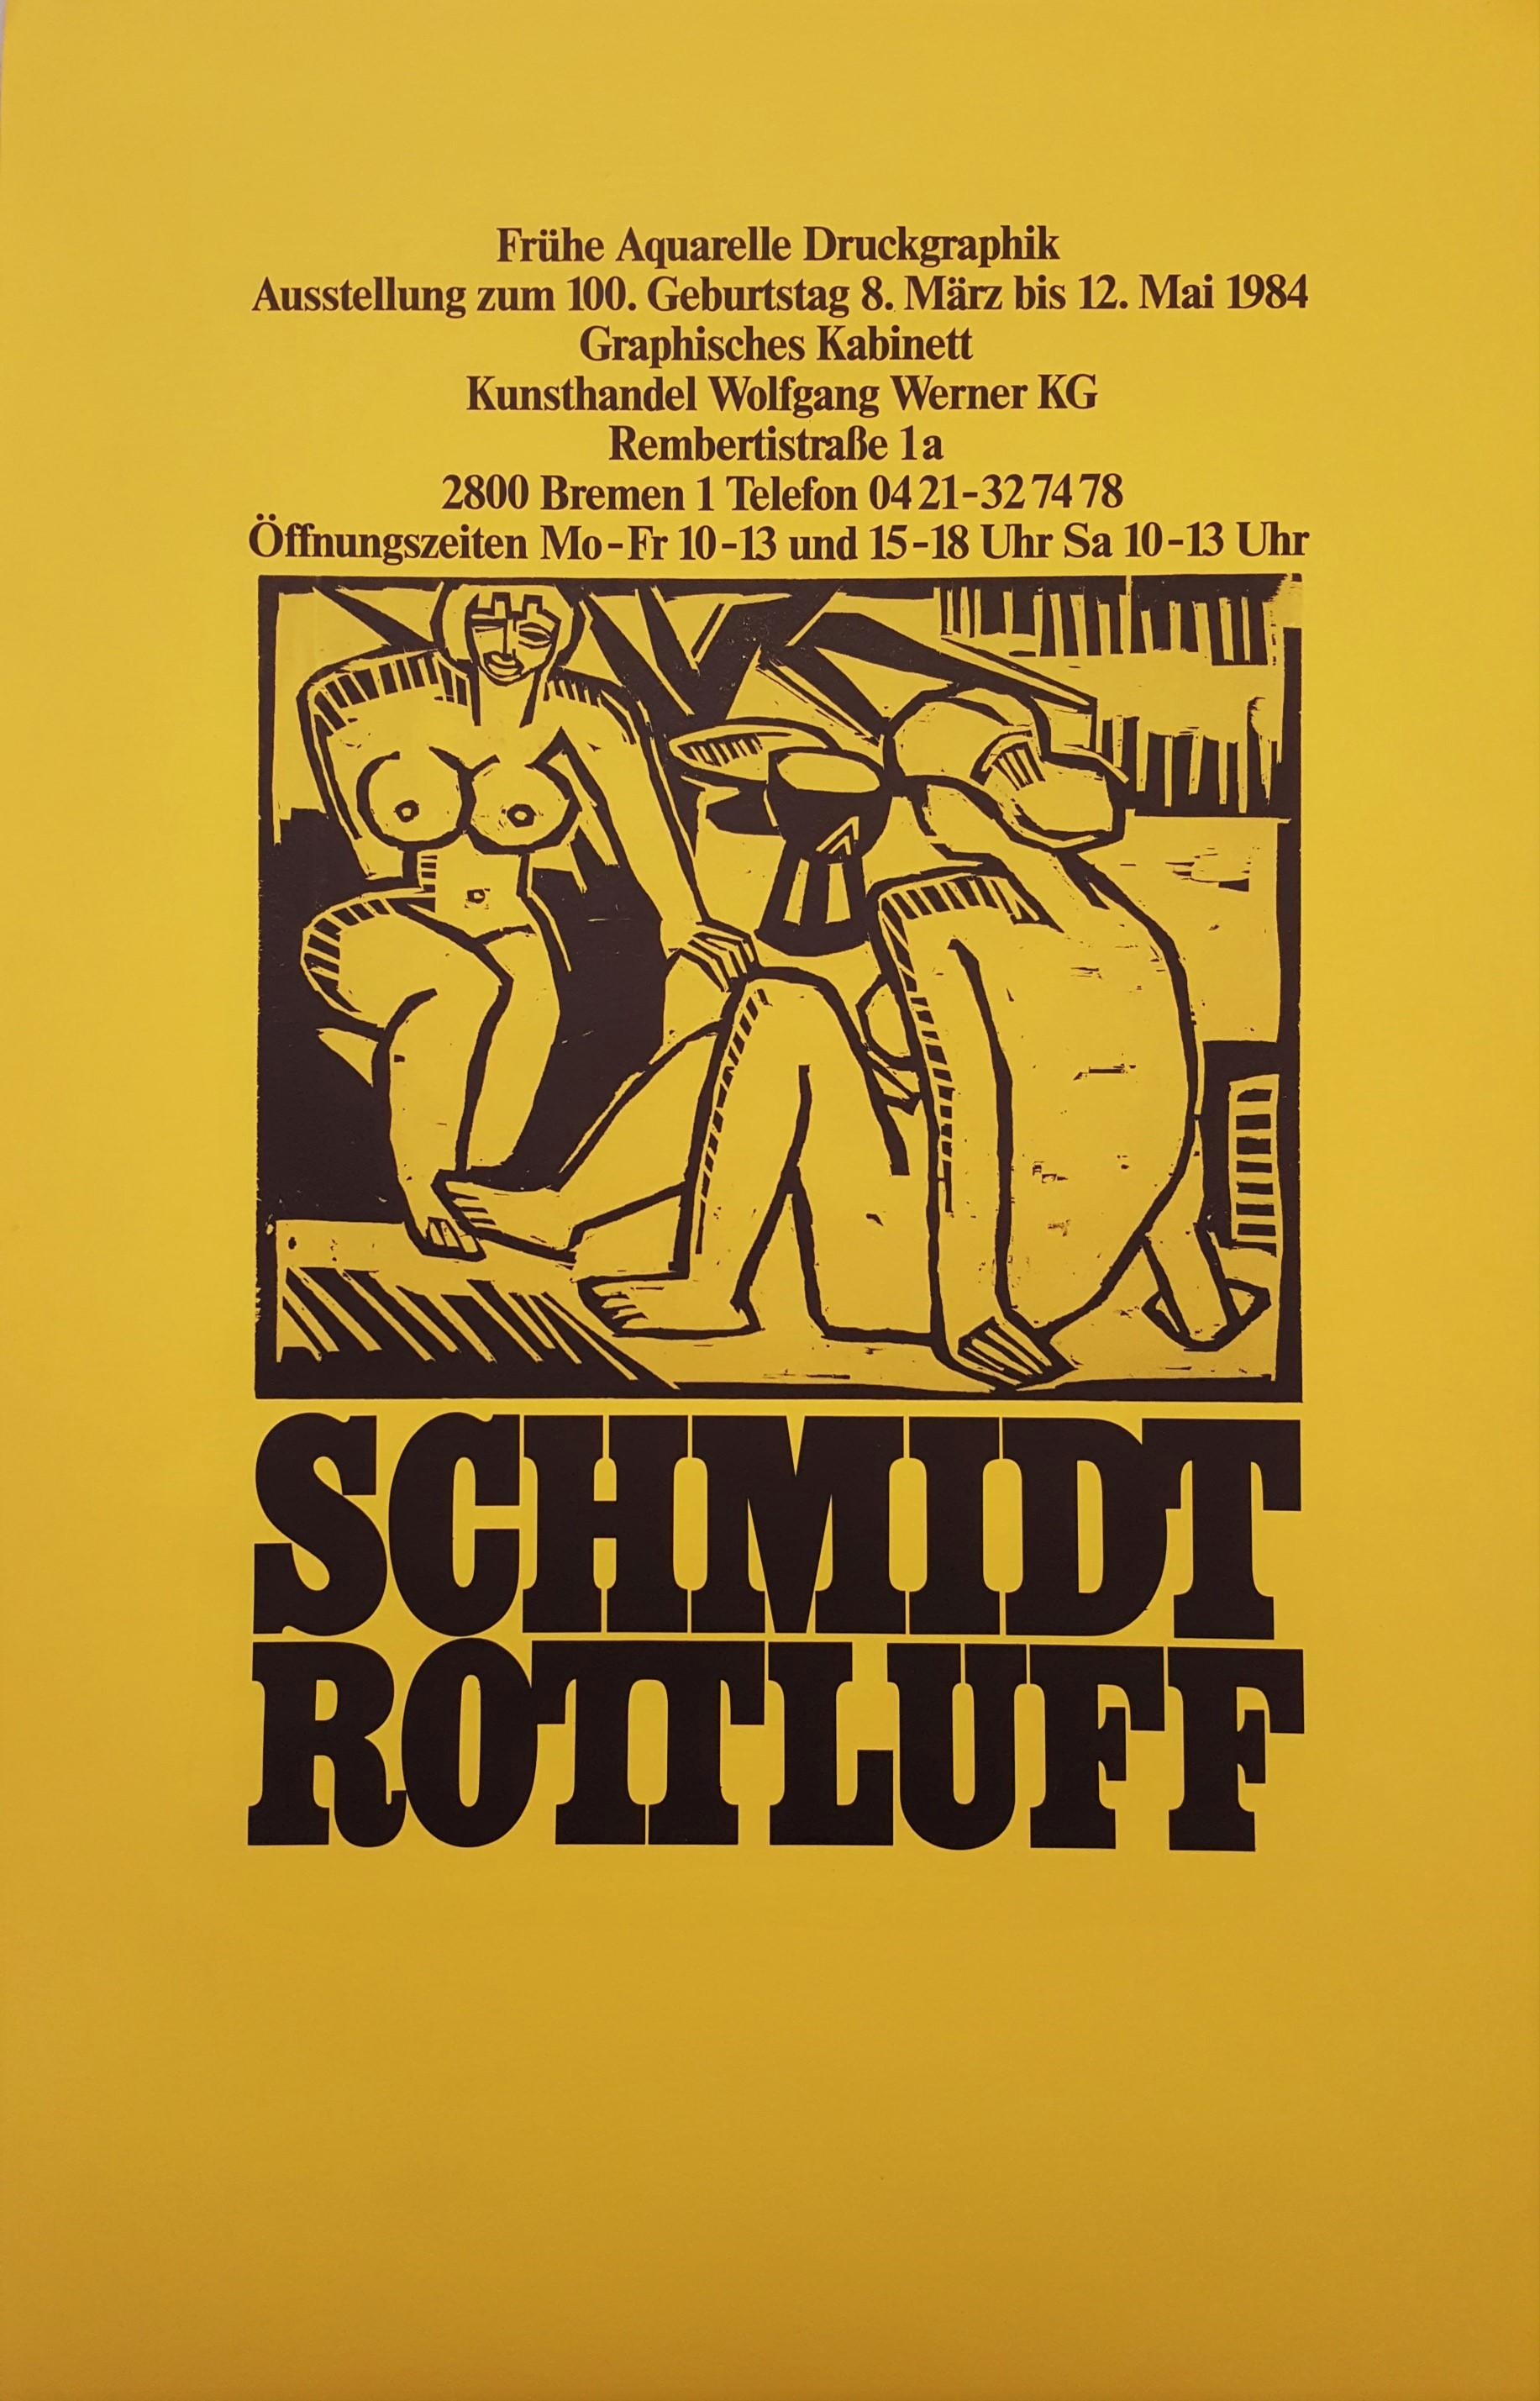 Schmidt-Rottluff at Kunsthandel Wolfgang Werner KG